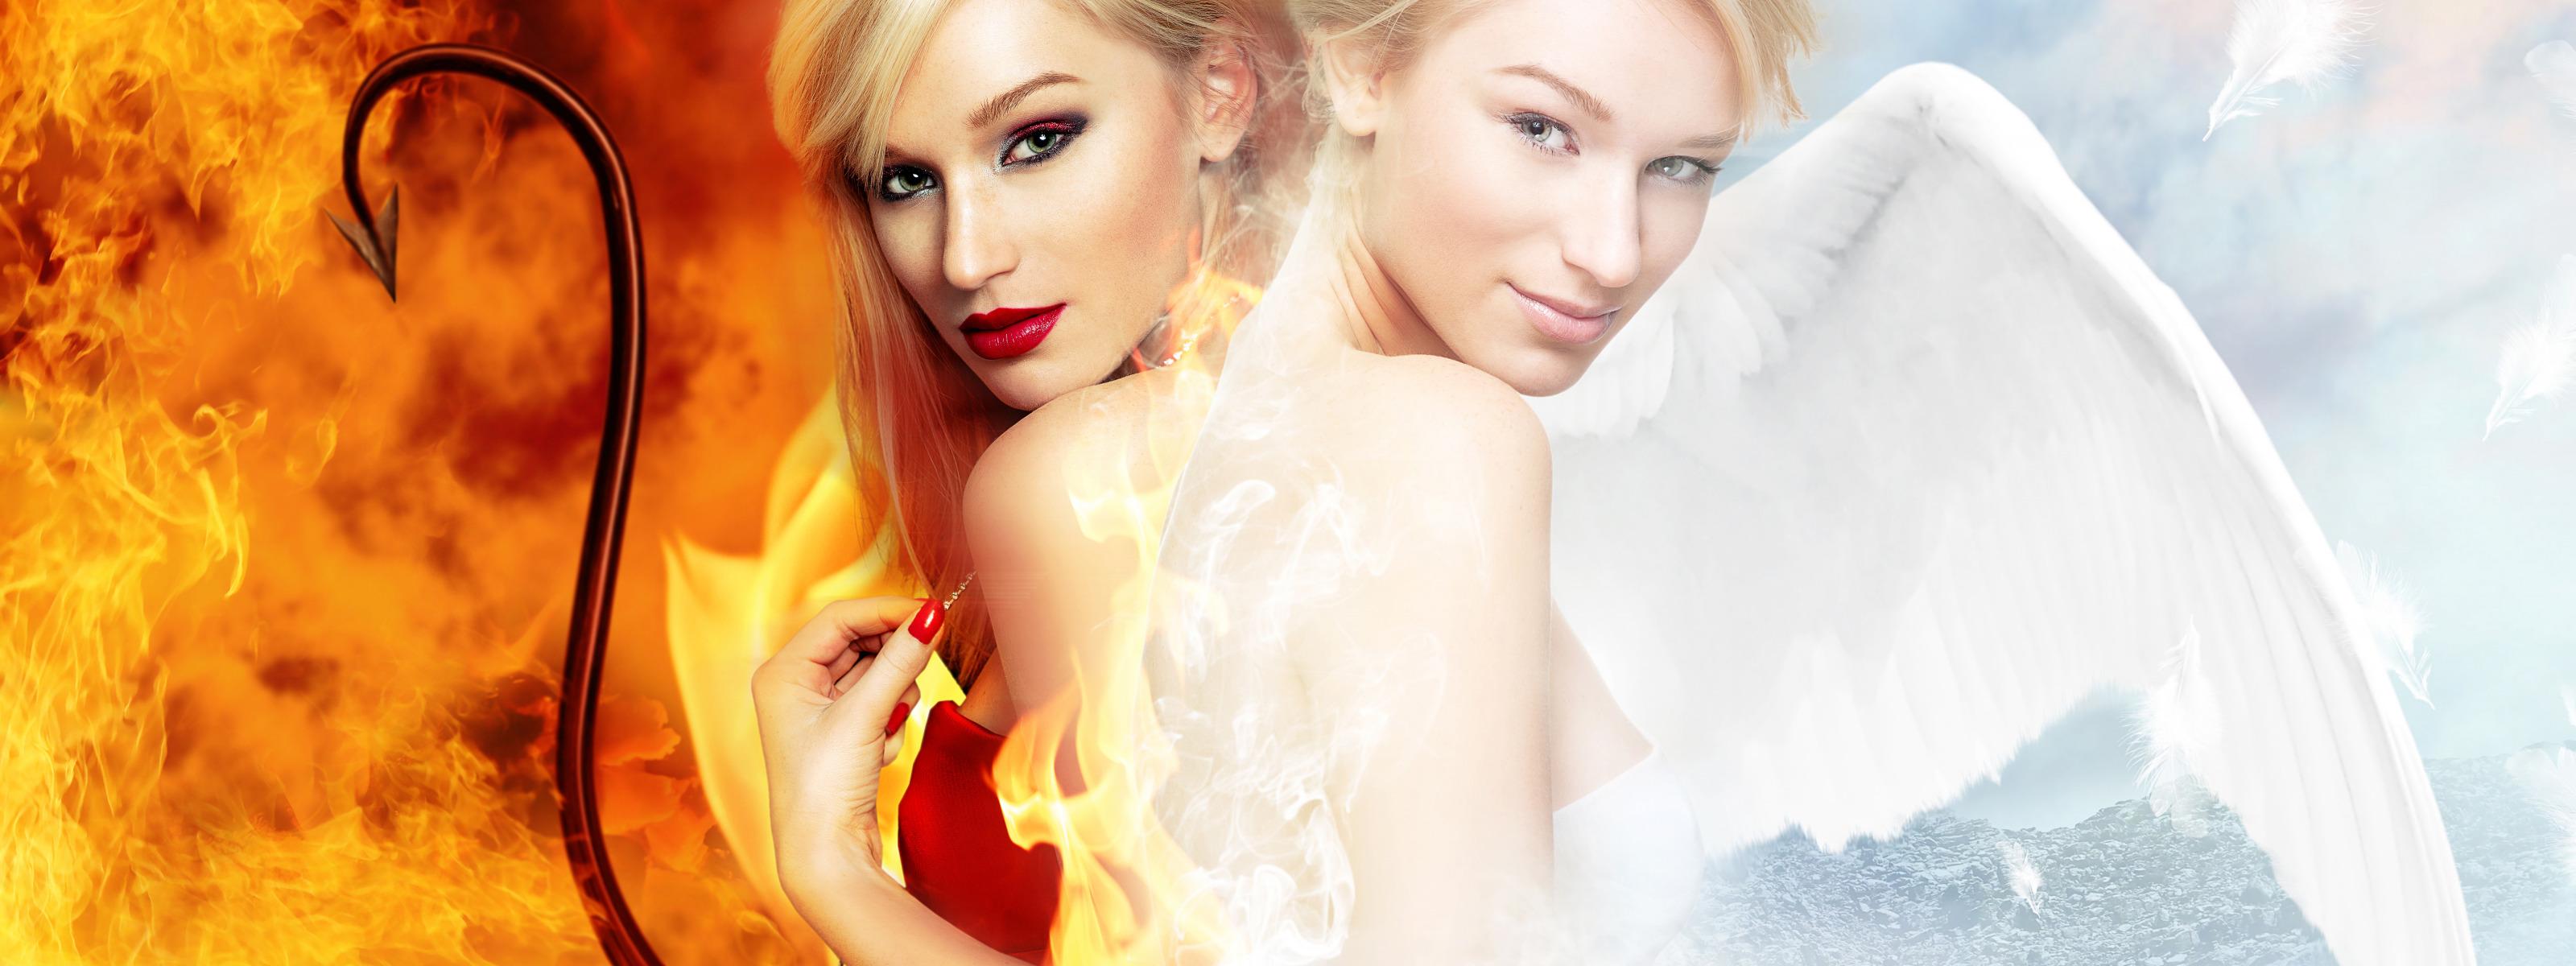 Картинки ангел и демон женщина